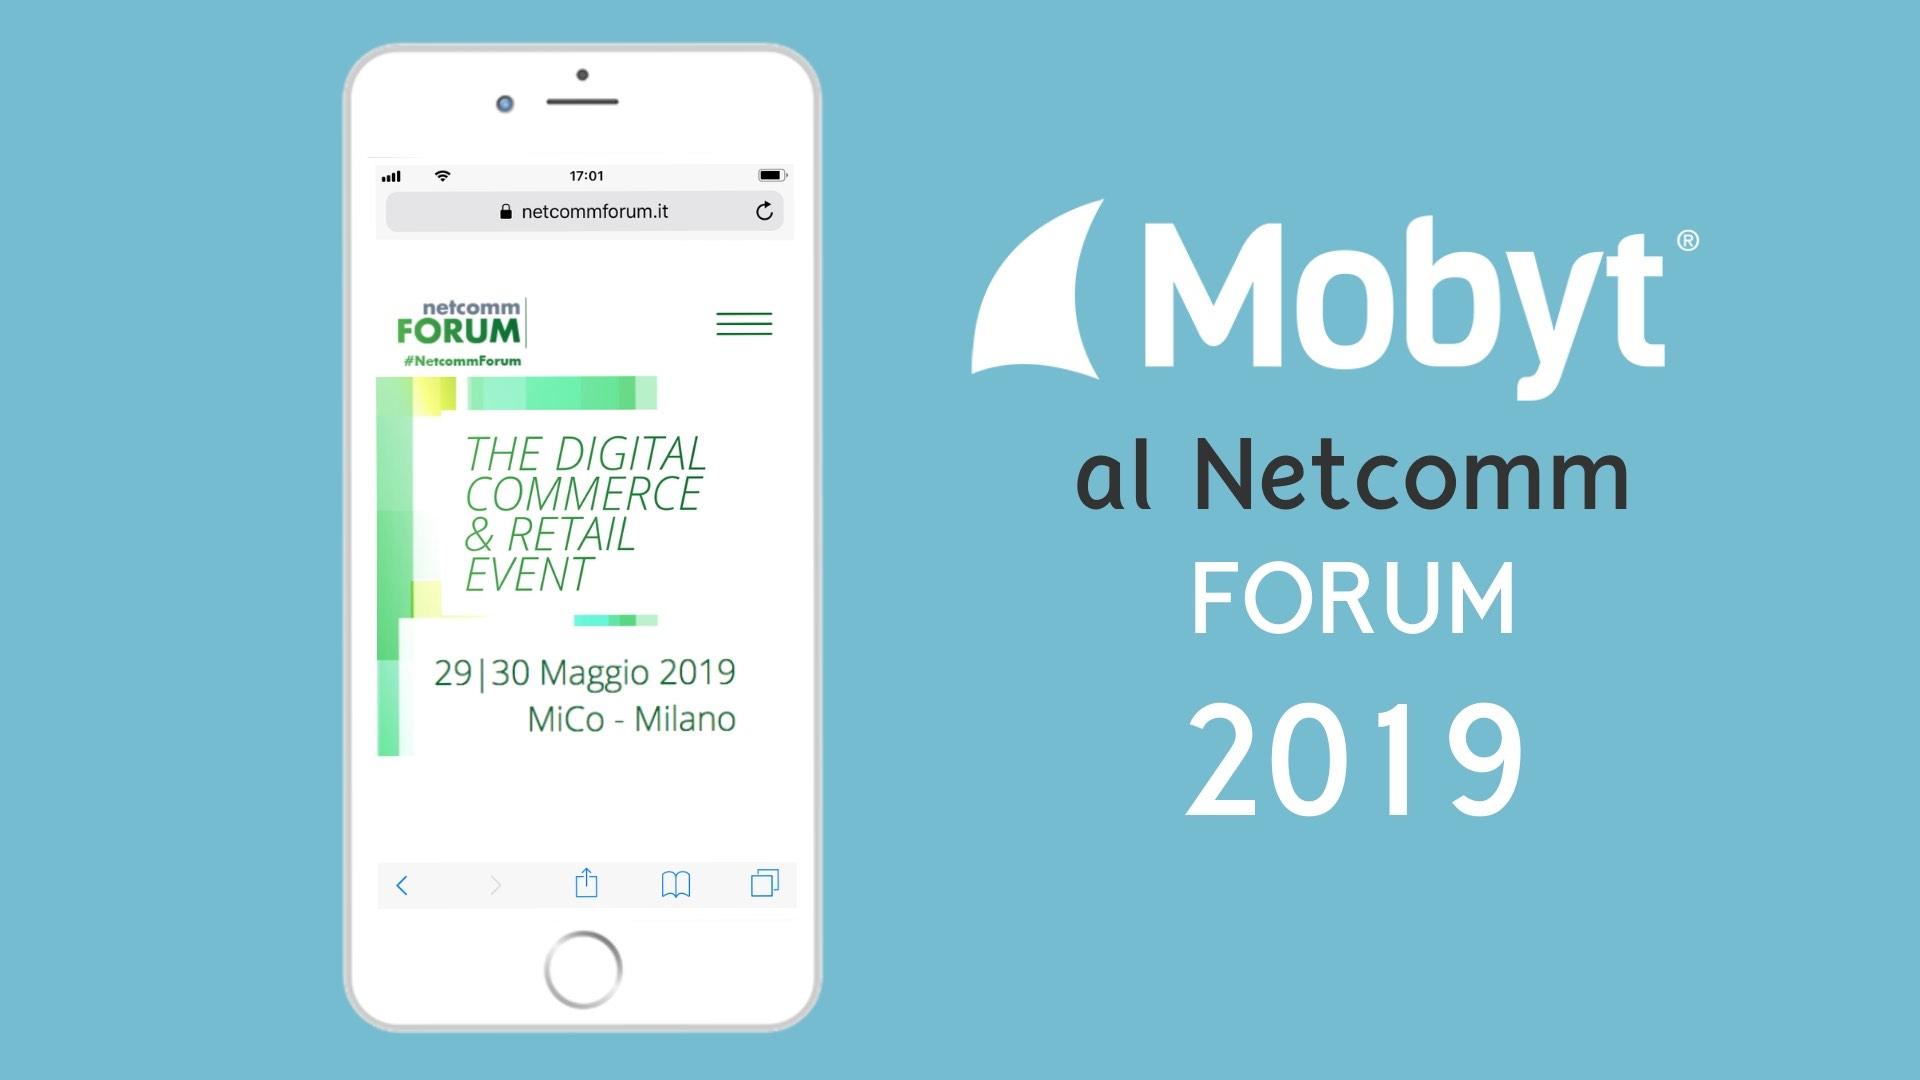 Mobyt al Netcomm Forum 2019